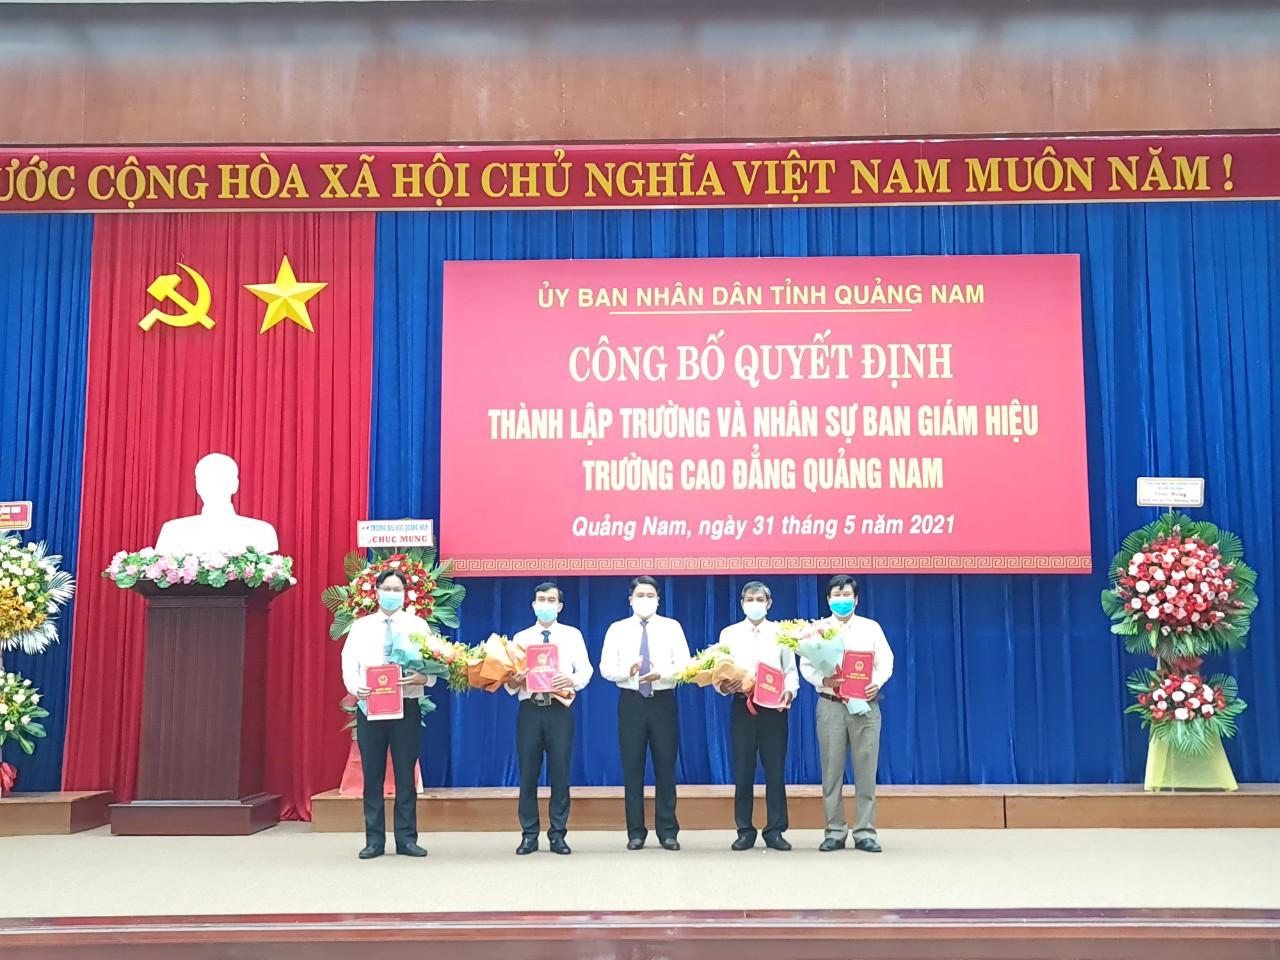 Chính thức thành lập Trường Cao đẳng Quảng Nam - Ảnh 3.